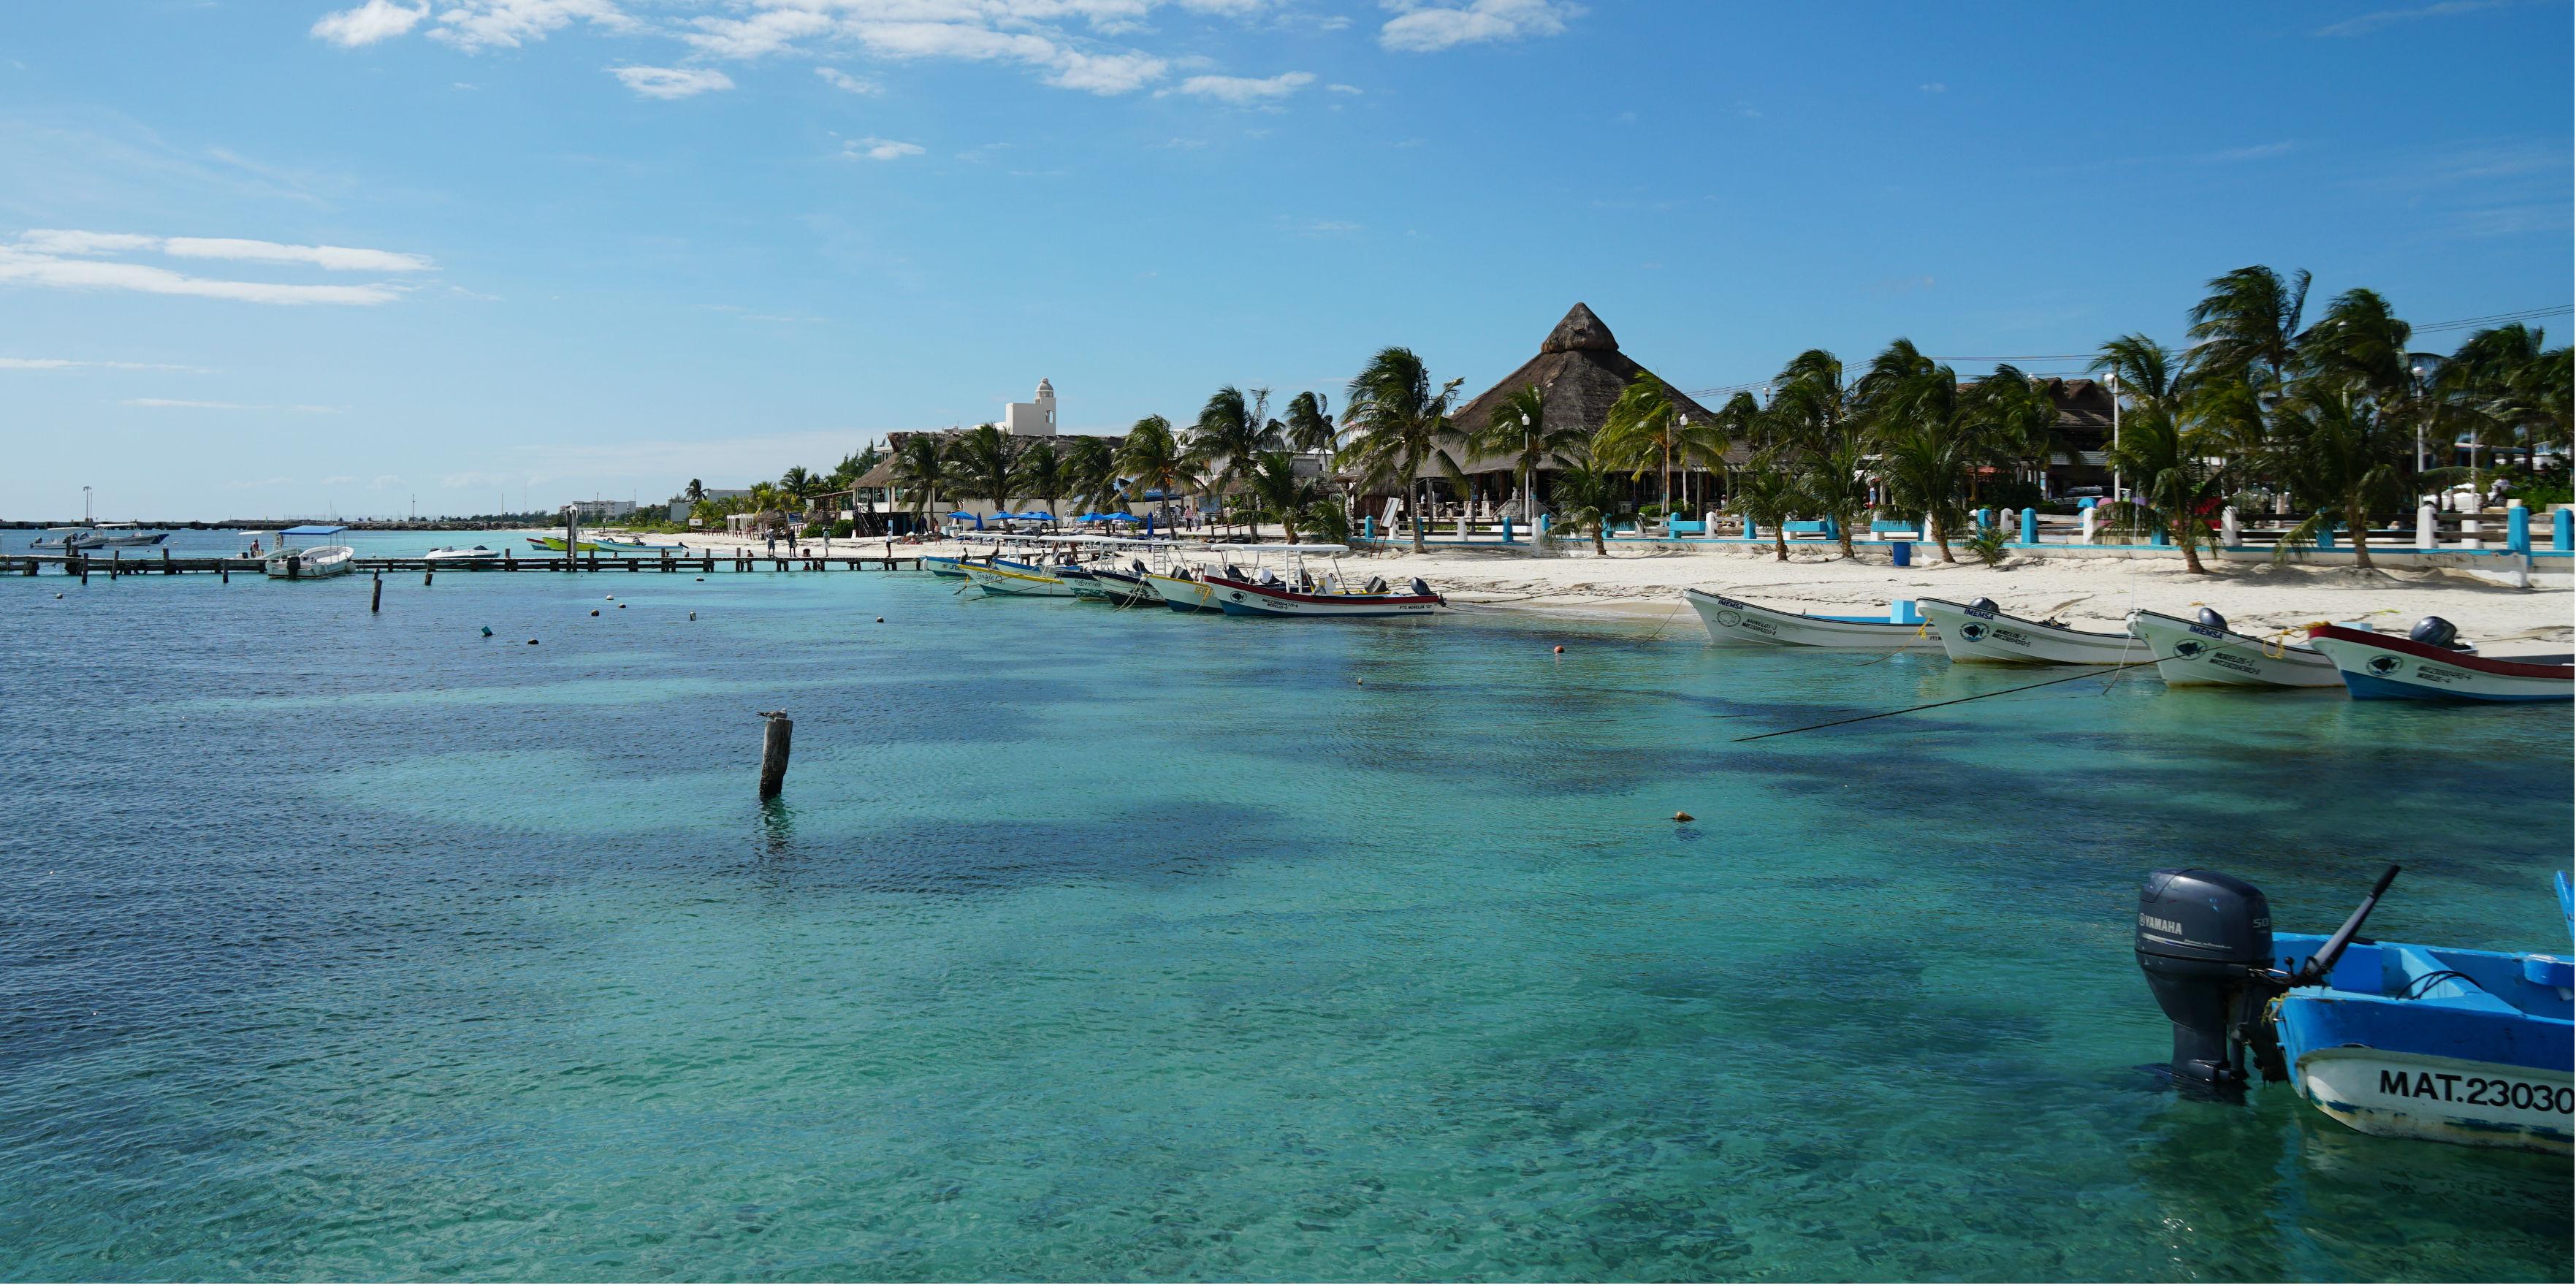 Yucatán Peninsula